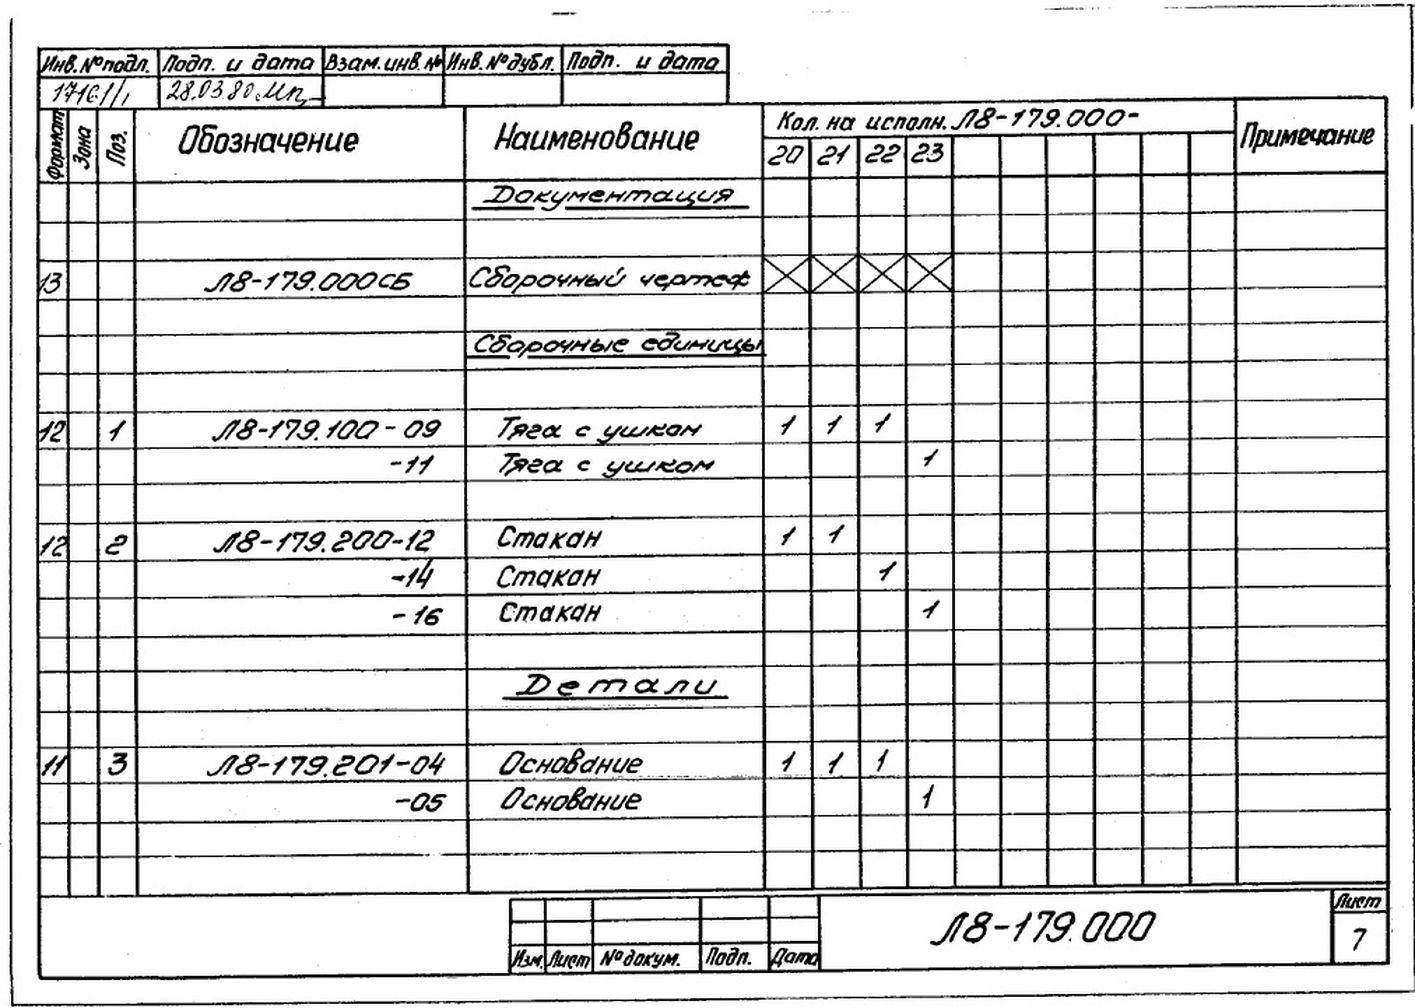 Блоки пружинные опорные Л8-179.000 стр.8